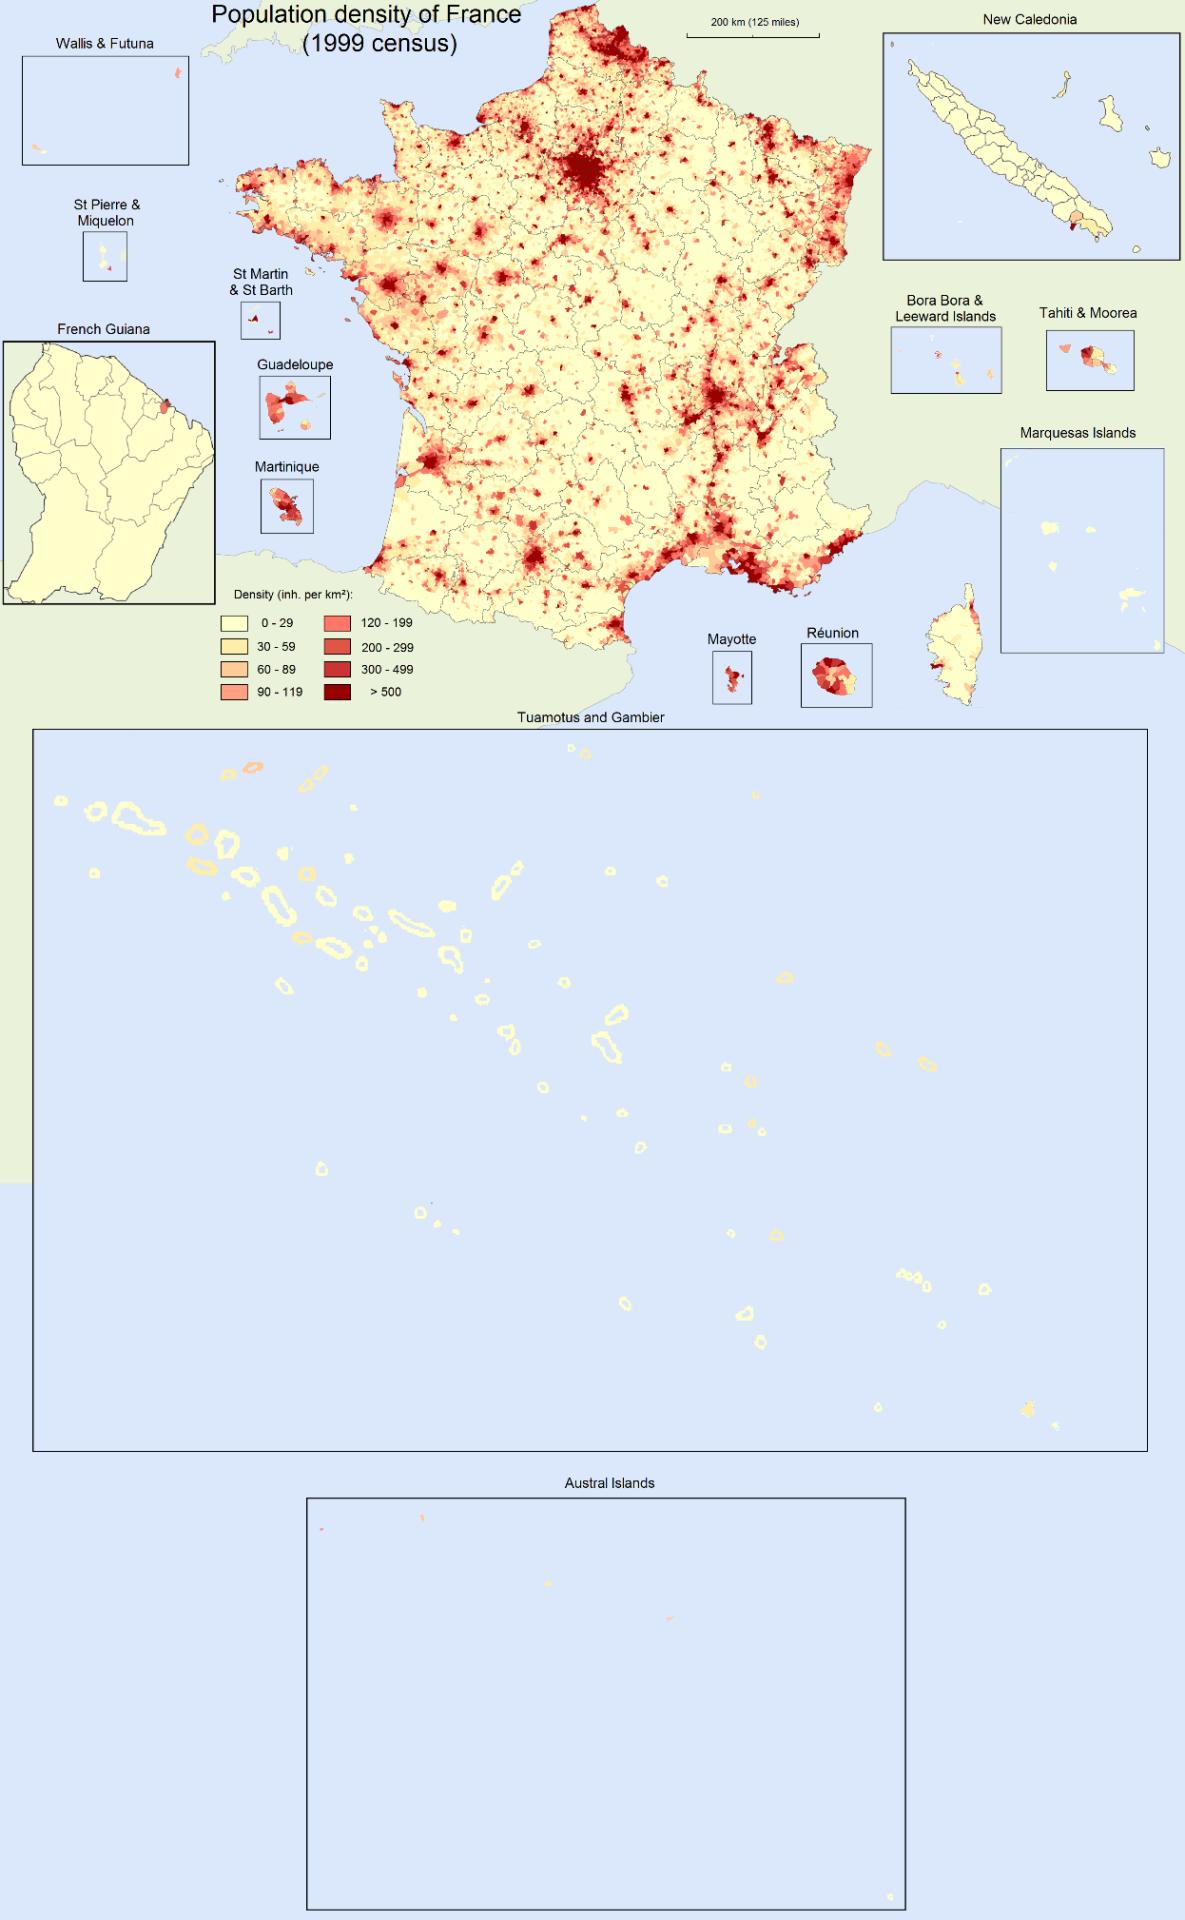 Population density of France, 1999